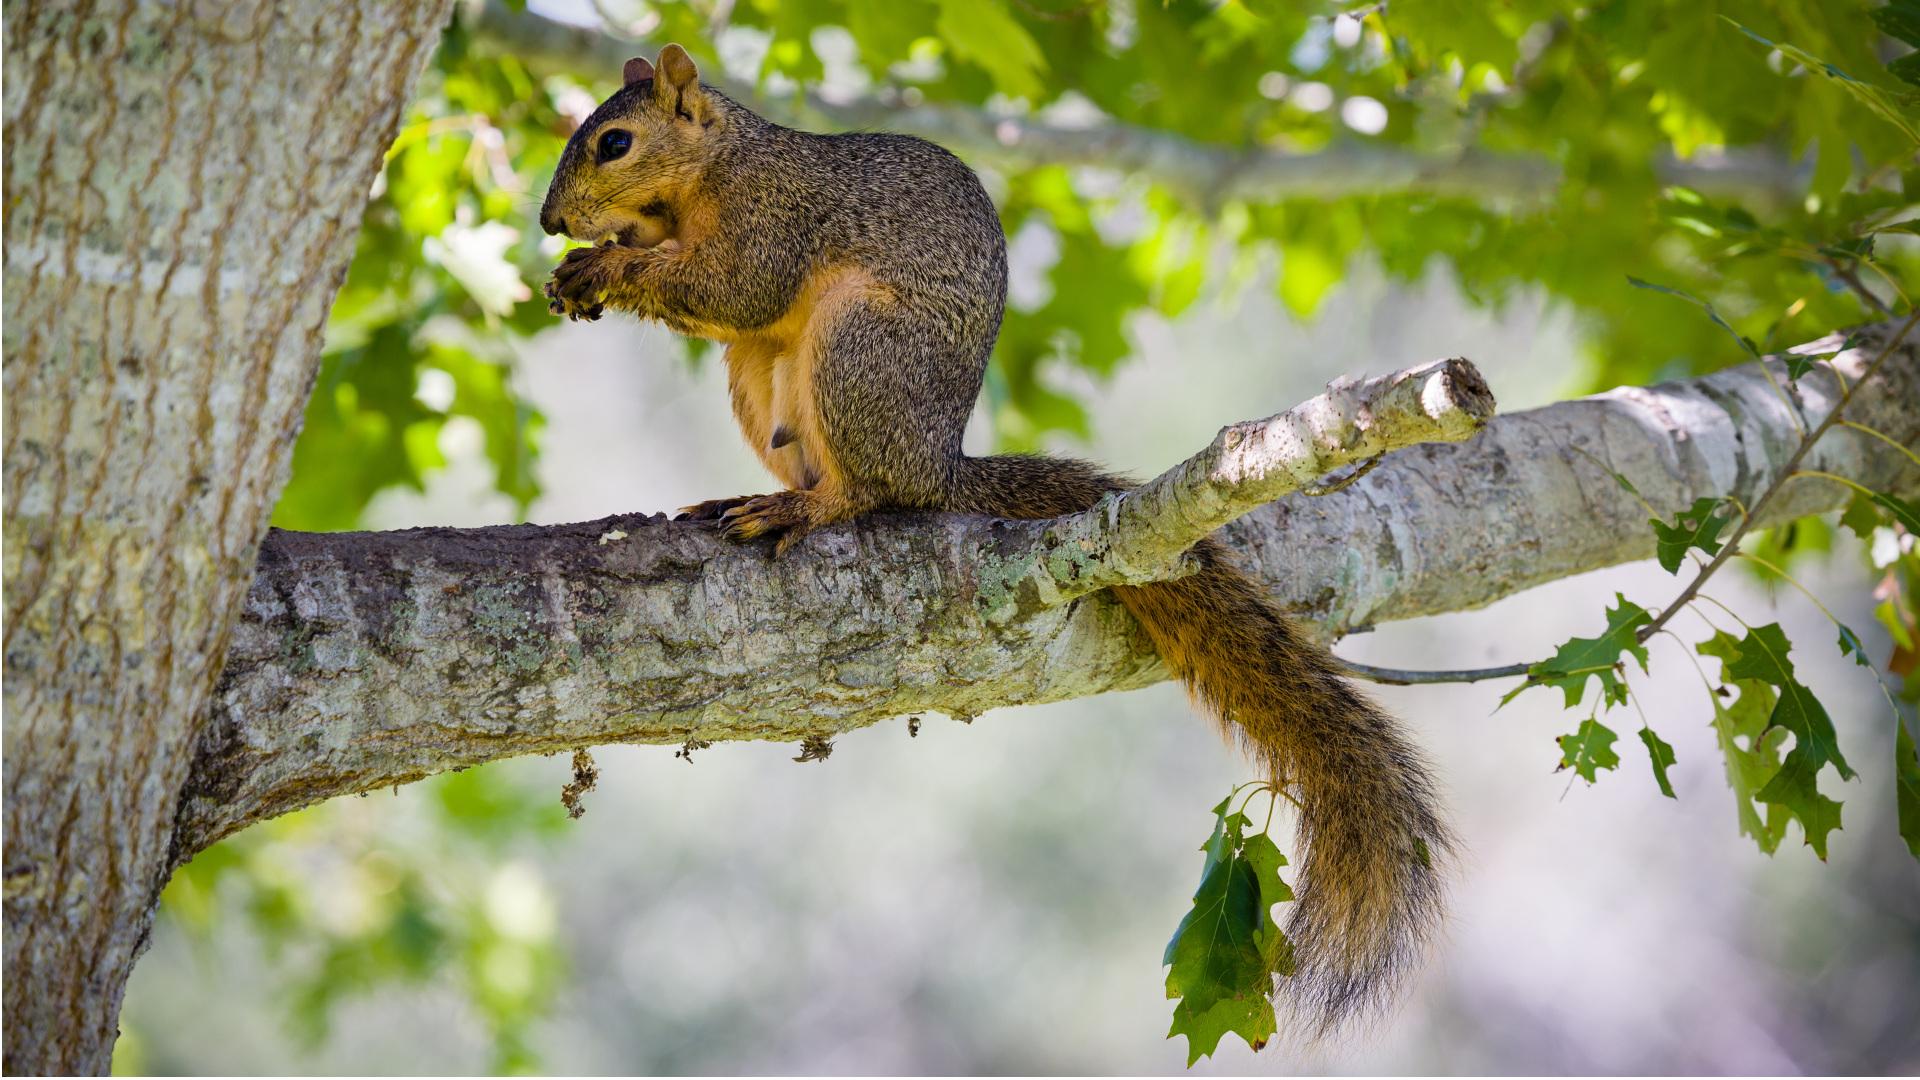 Mon arbre, notre faune - Développement durable